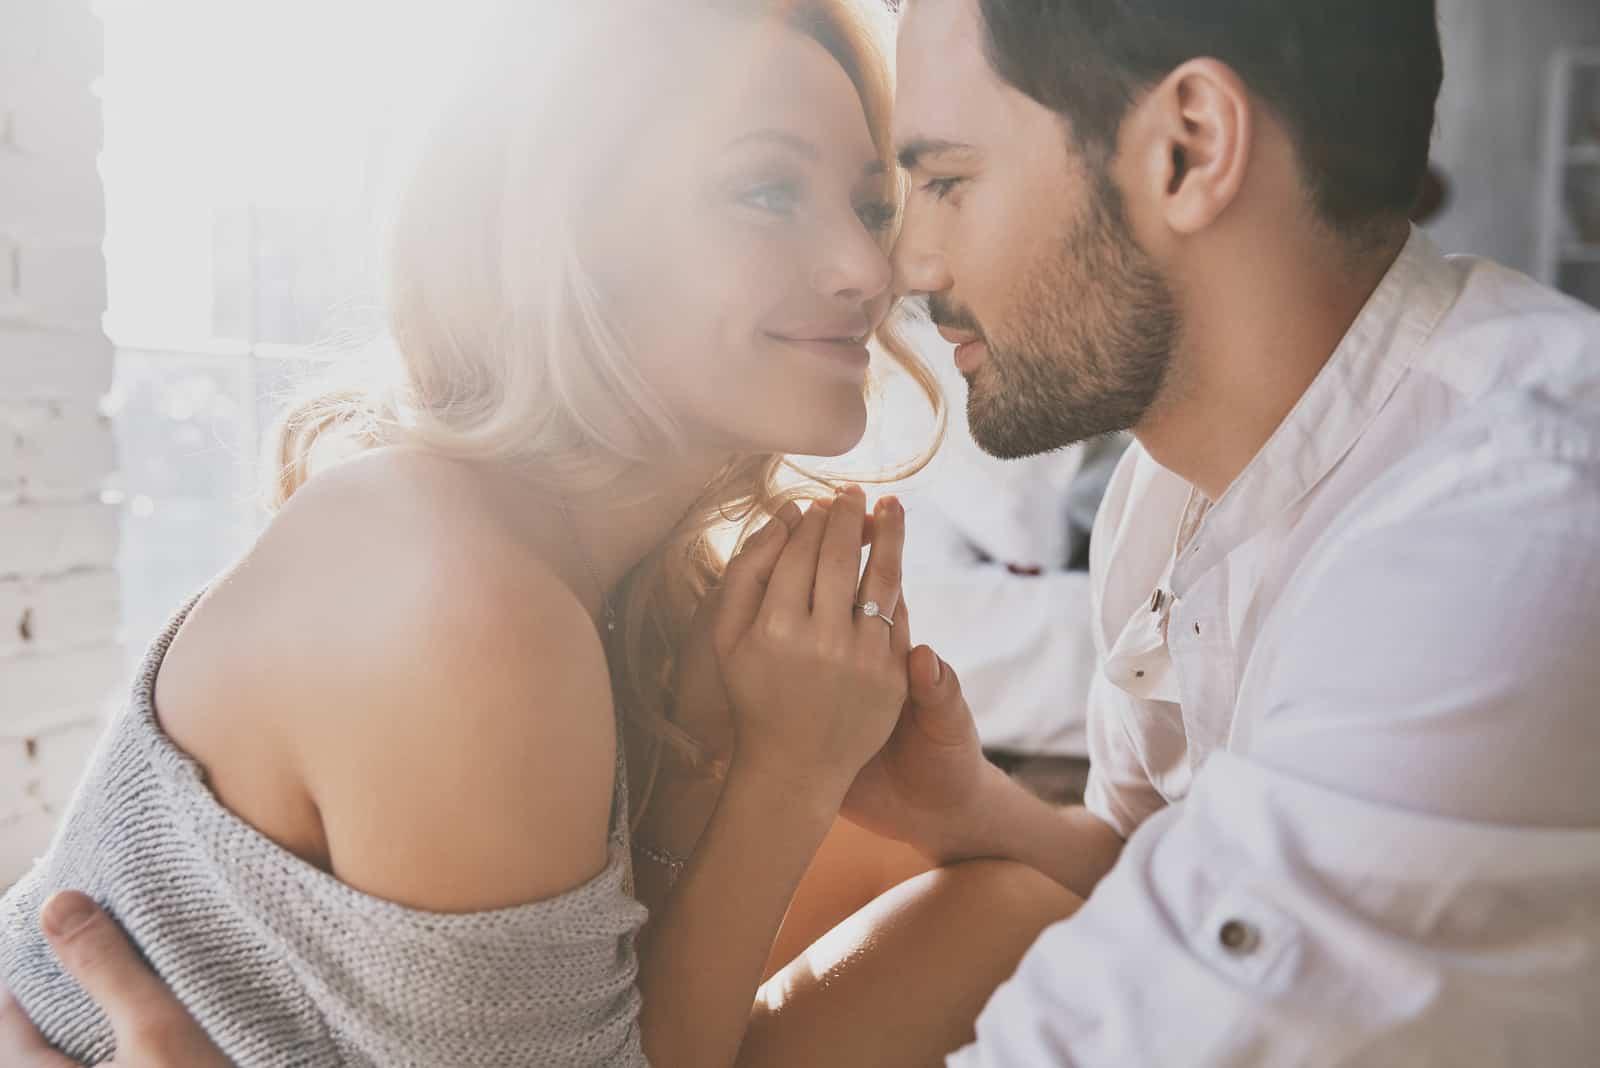 ein verliebtes Paar, das Händchen hält und sich ansieht